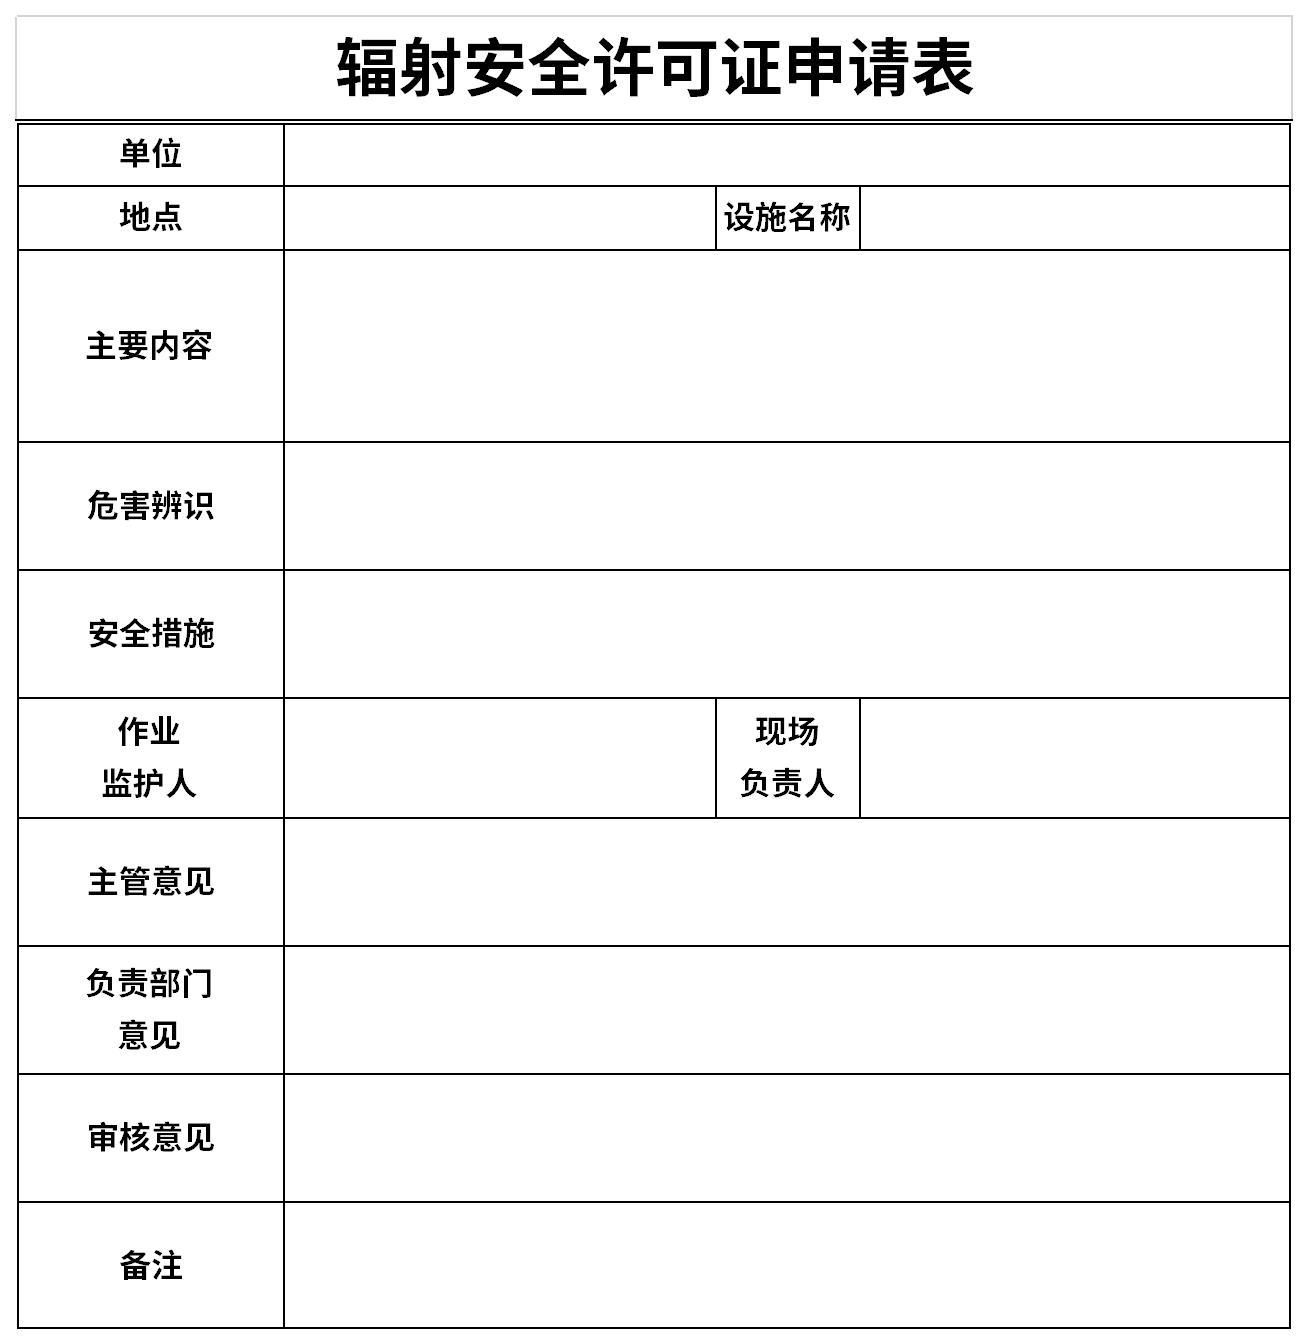 辐射安全许可证申请表截图